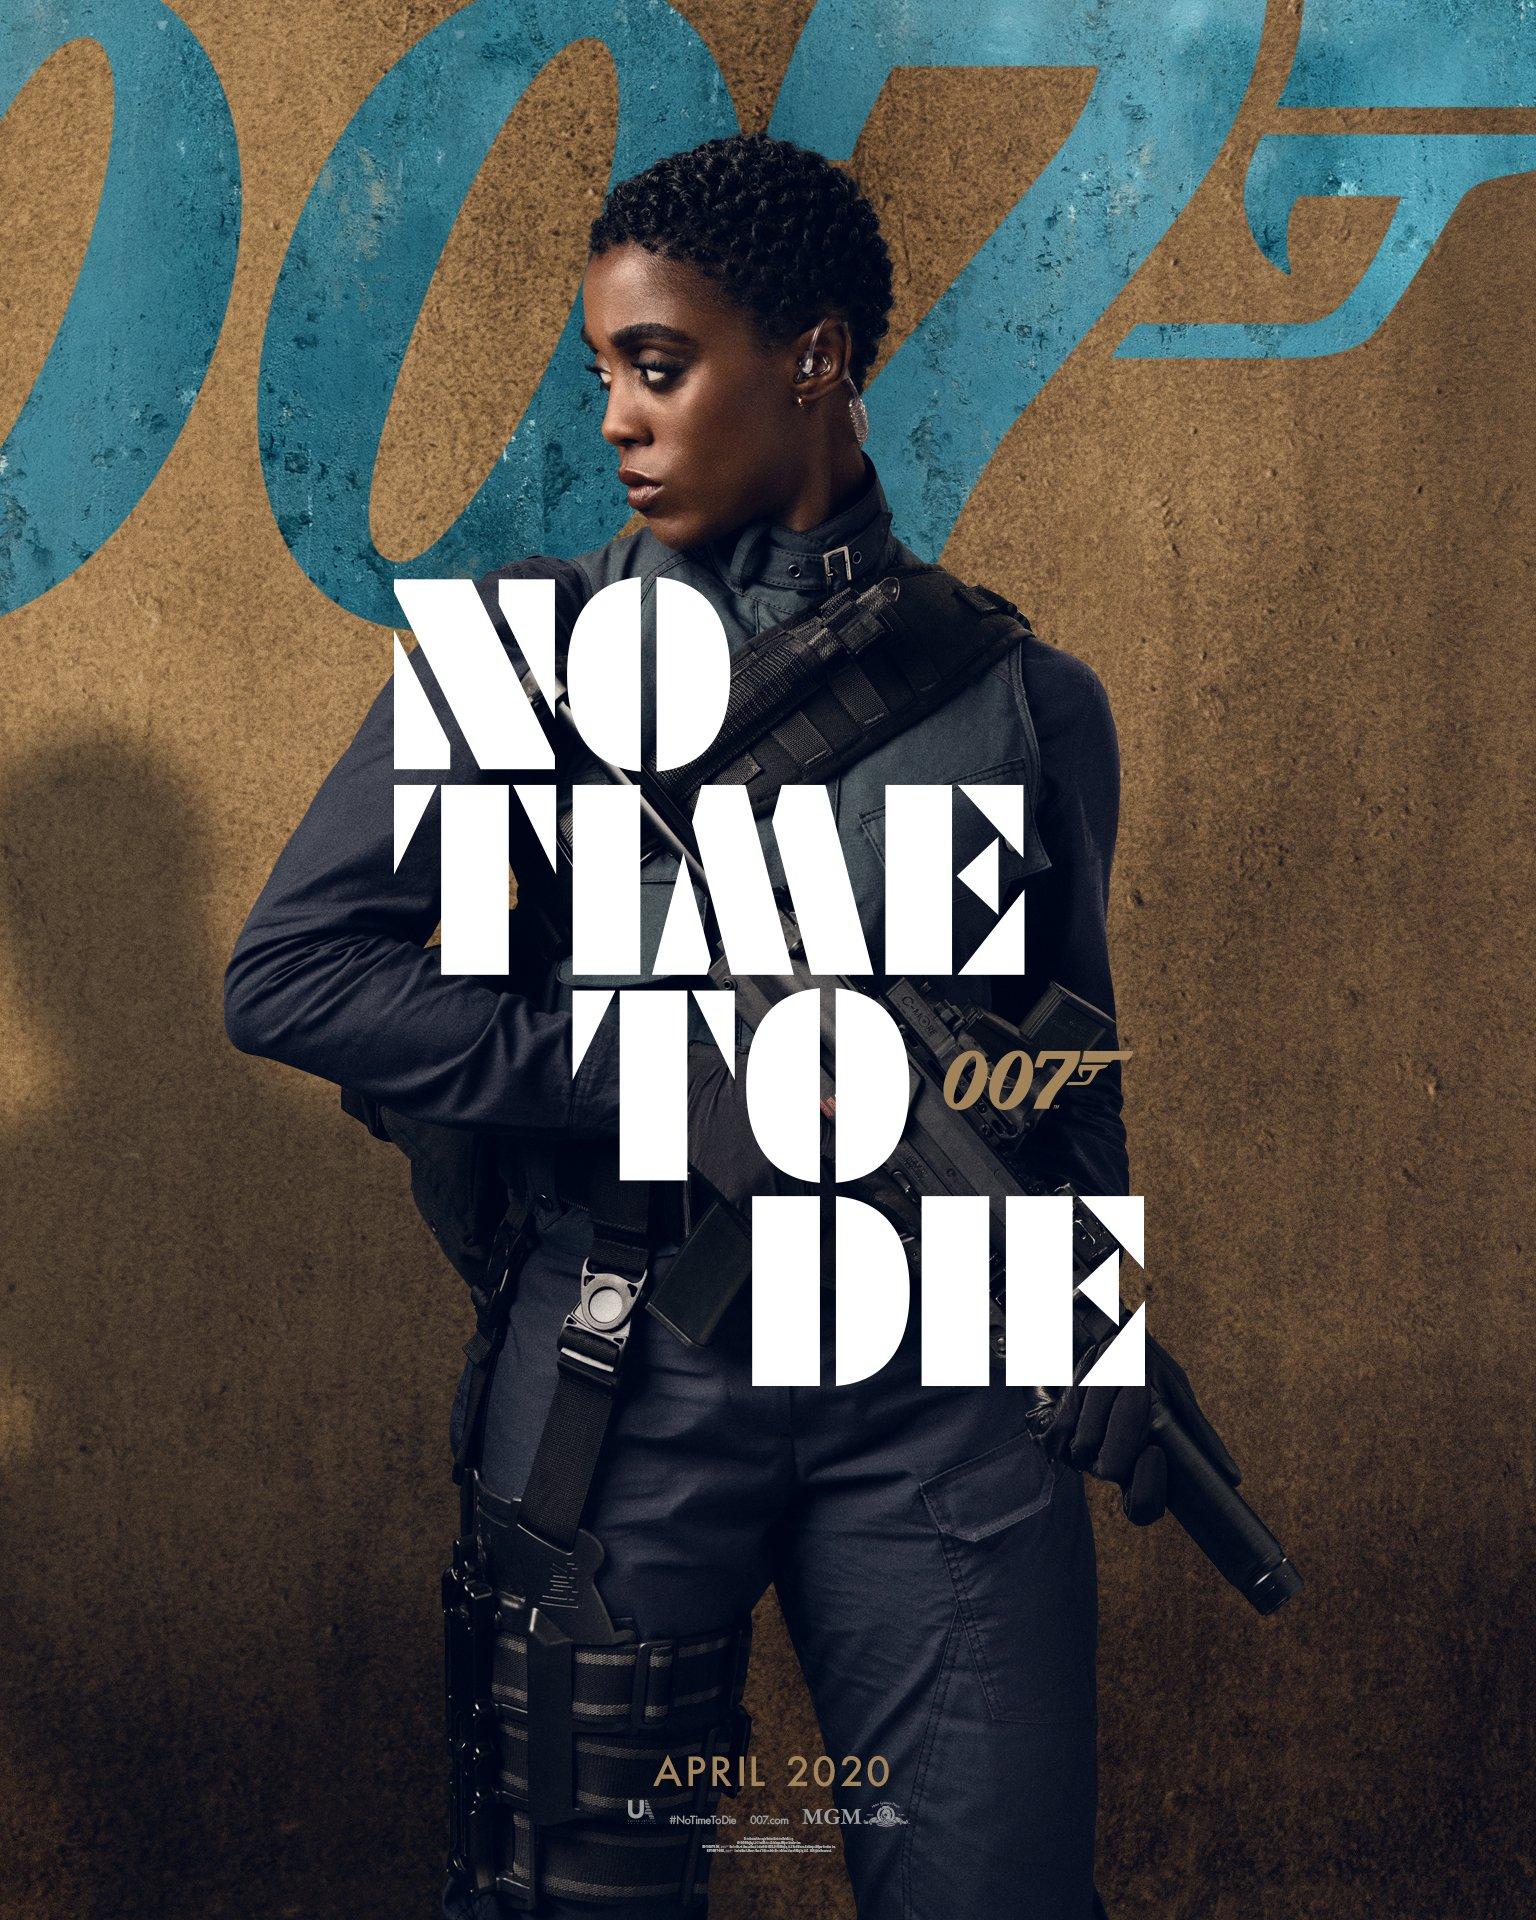 no time to die lashana lynch 007 bond